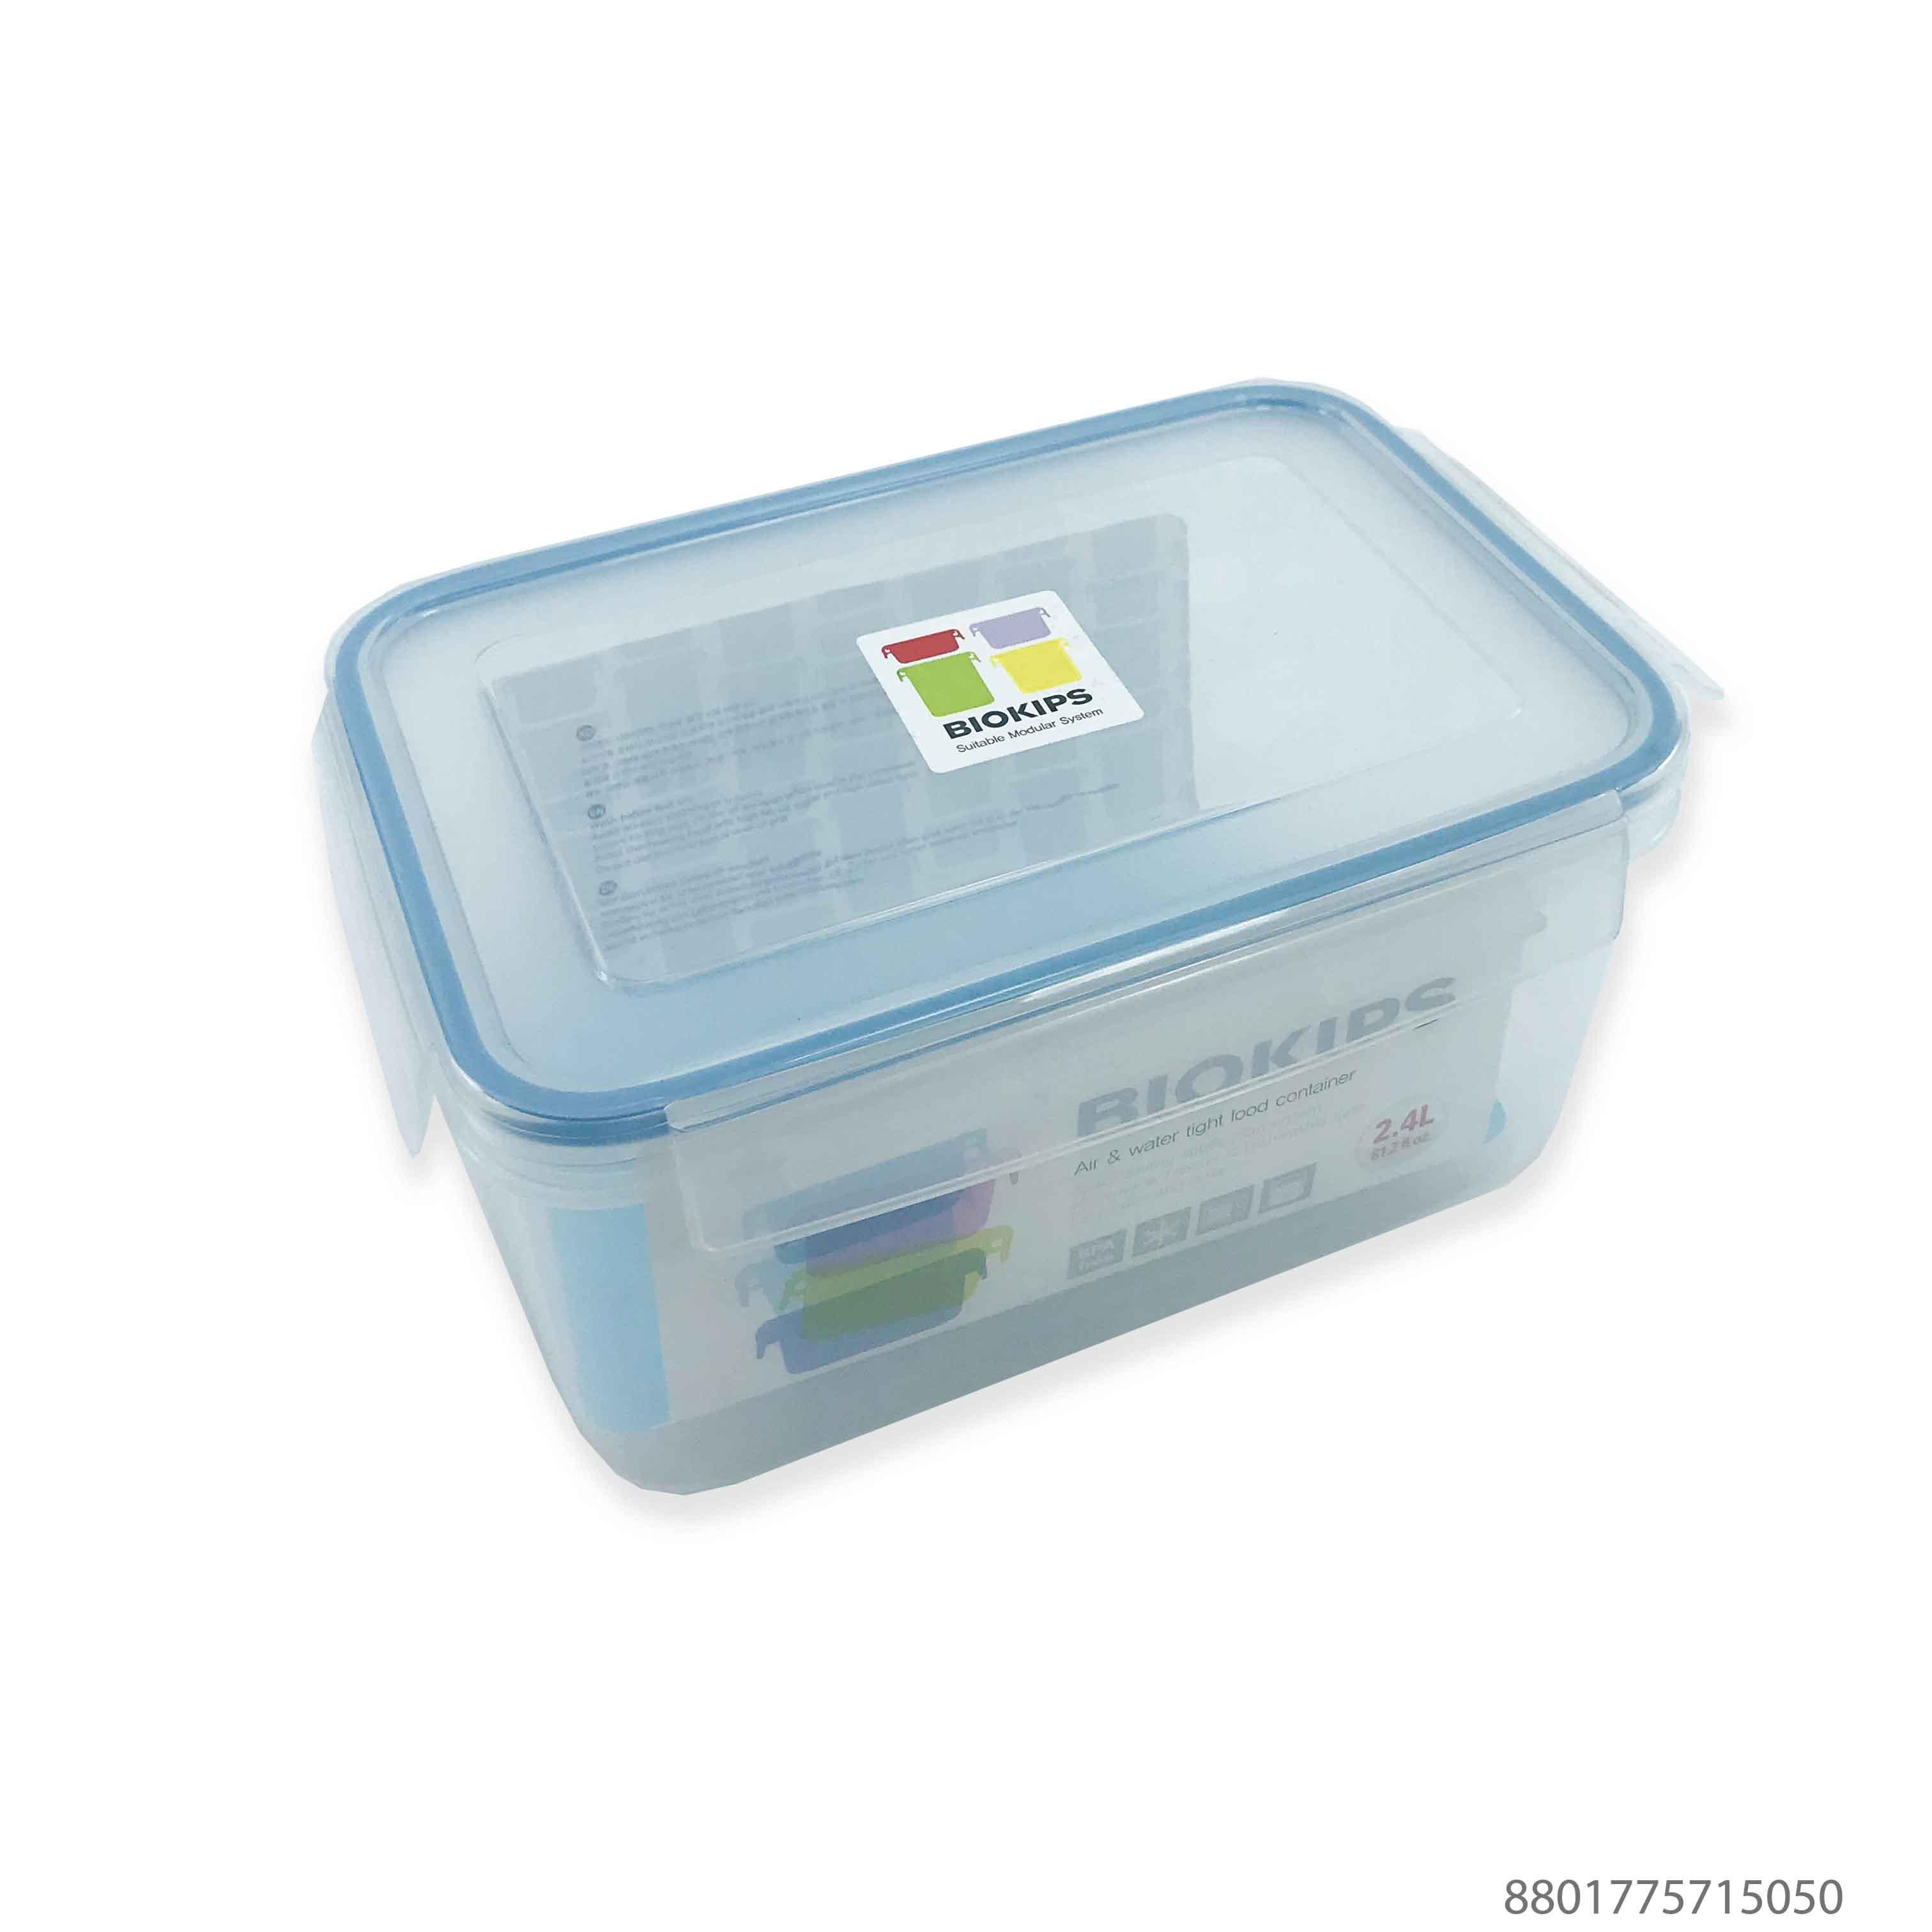 Hộp nhựa đựng thực phẩm 2,4L Hàn Quốc